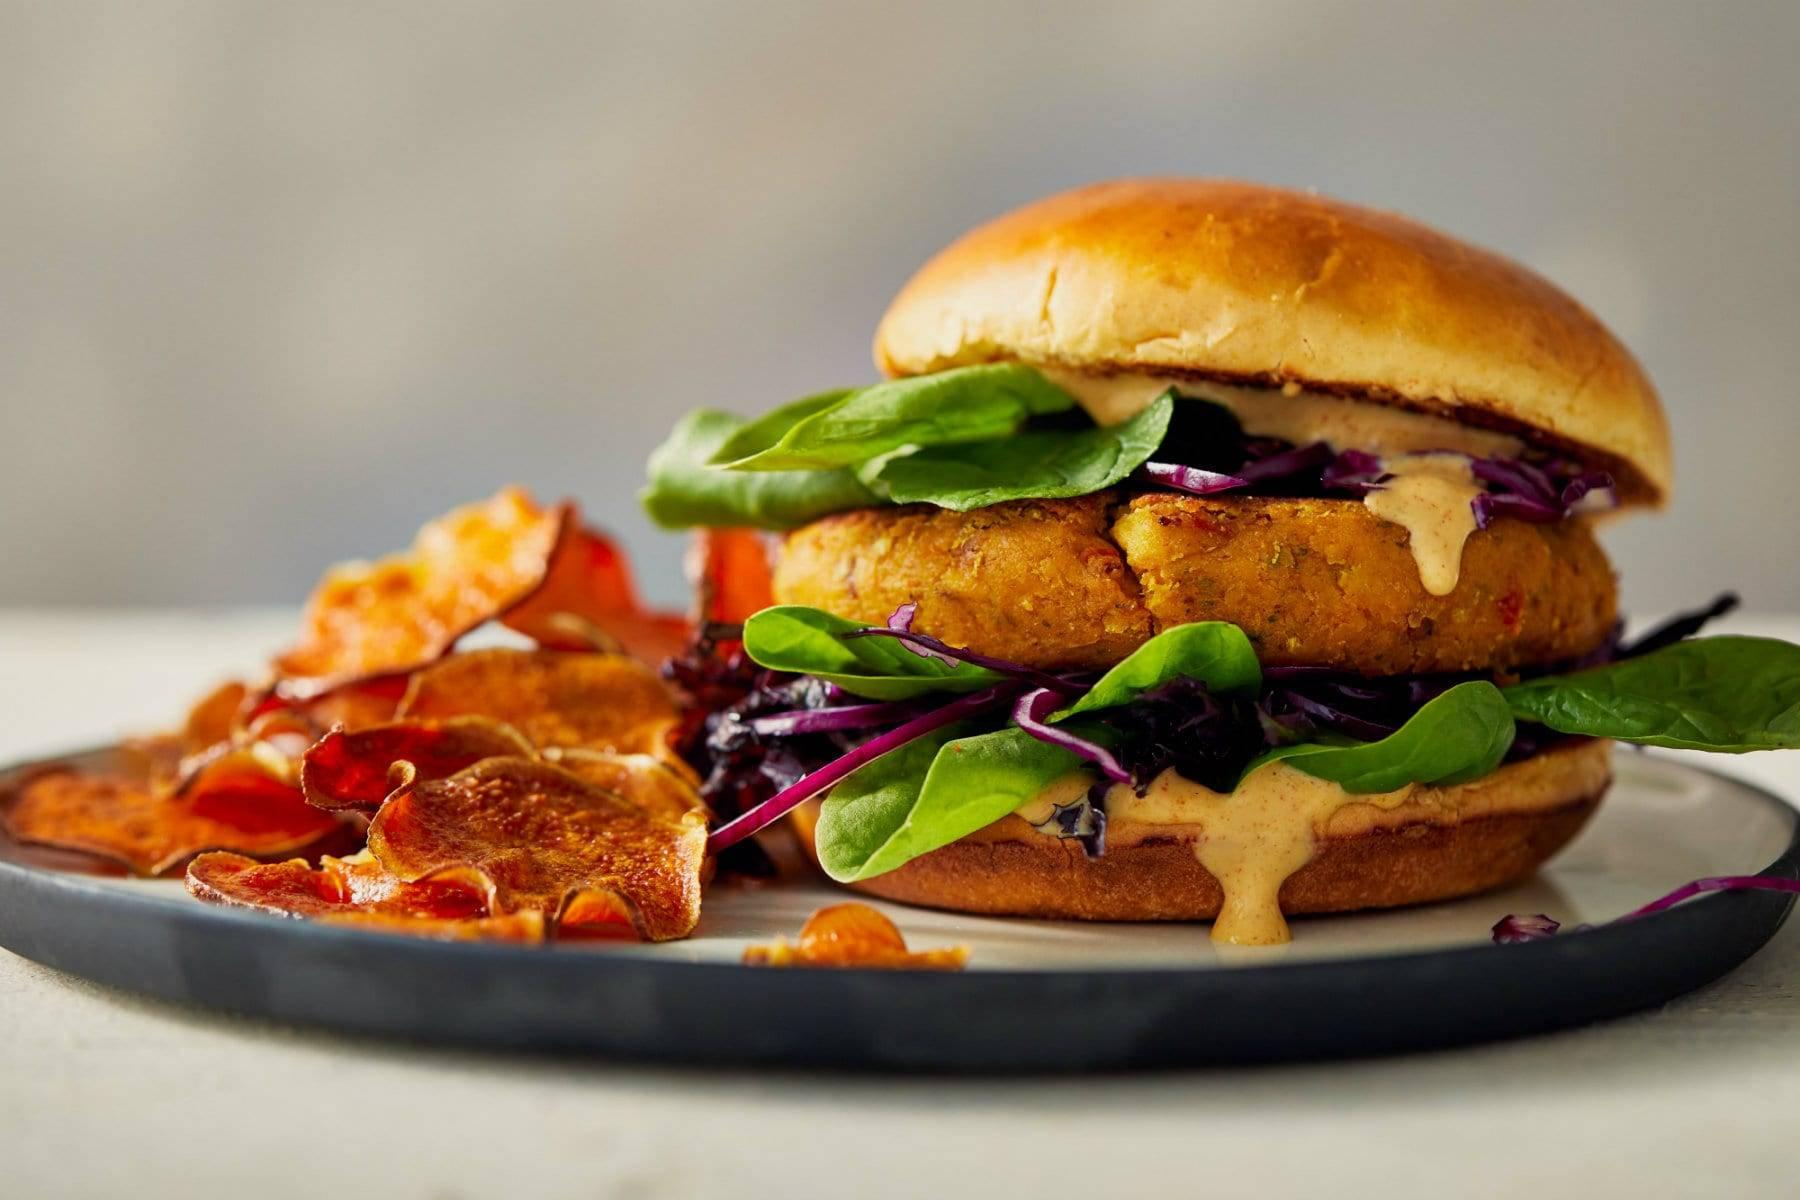 Probiere diesen köstlichen & veganen 7-Tage Ernährungsplan aus